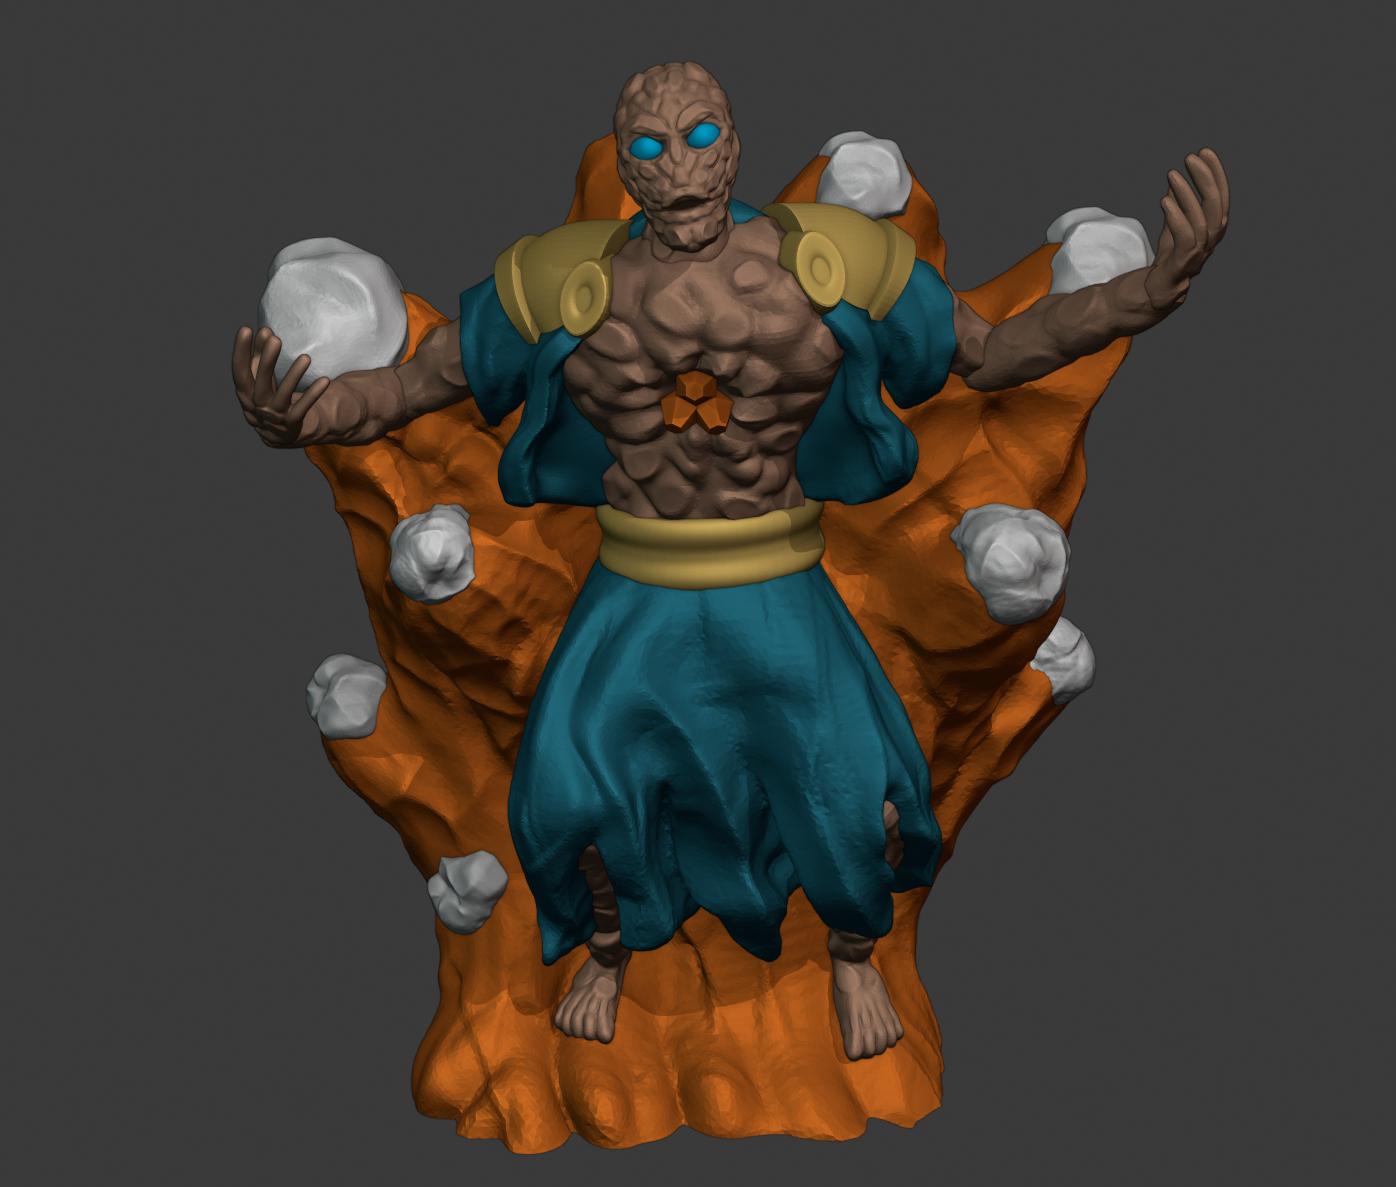 Gloomhaven Monster: Savvas Lavaflow